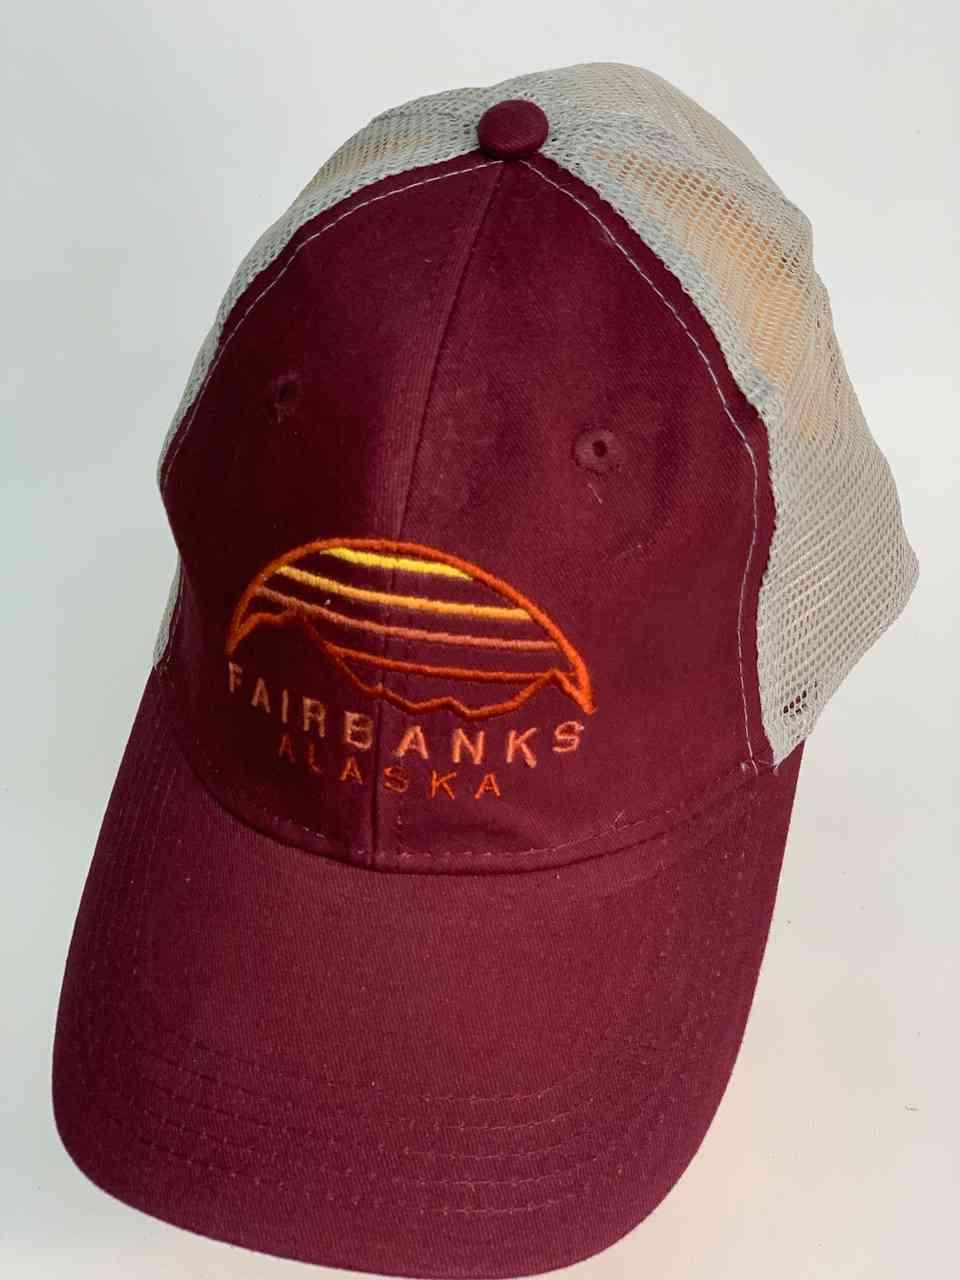 Бордовая кепка с сеткой FAIRBANKS ALASKA